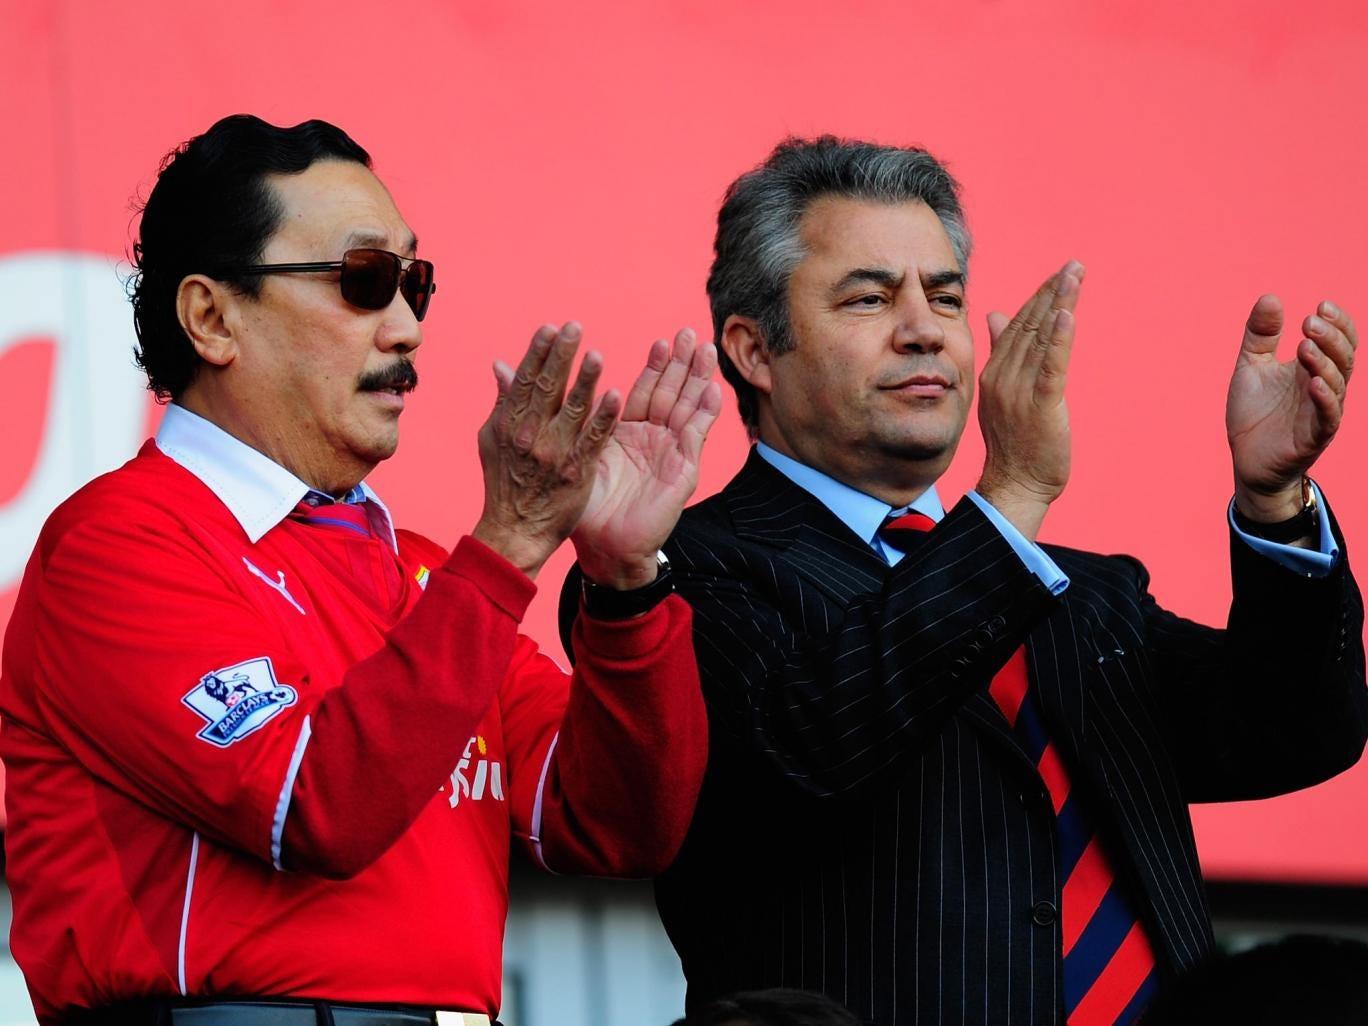 Vincent Tan and Mehmet Dalman